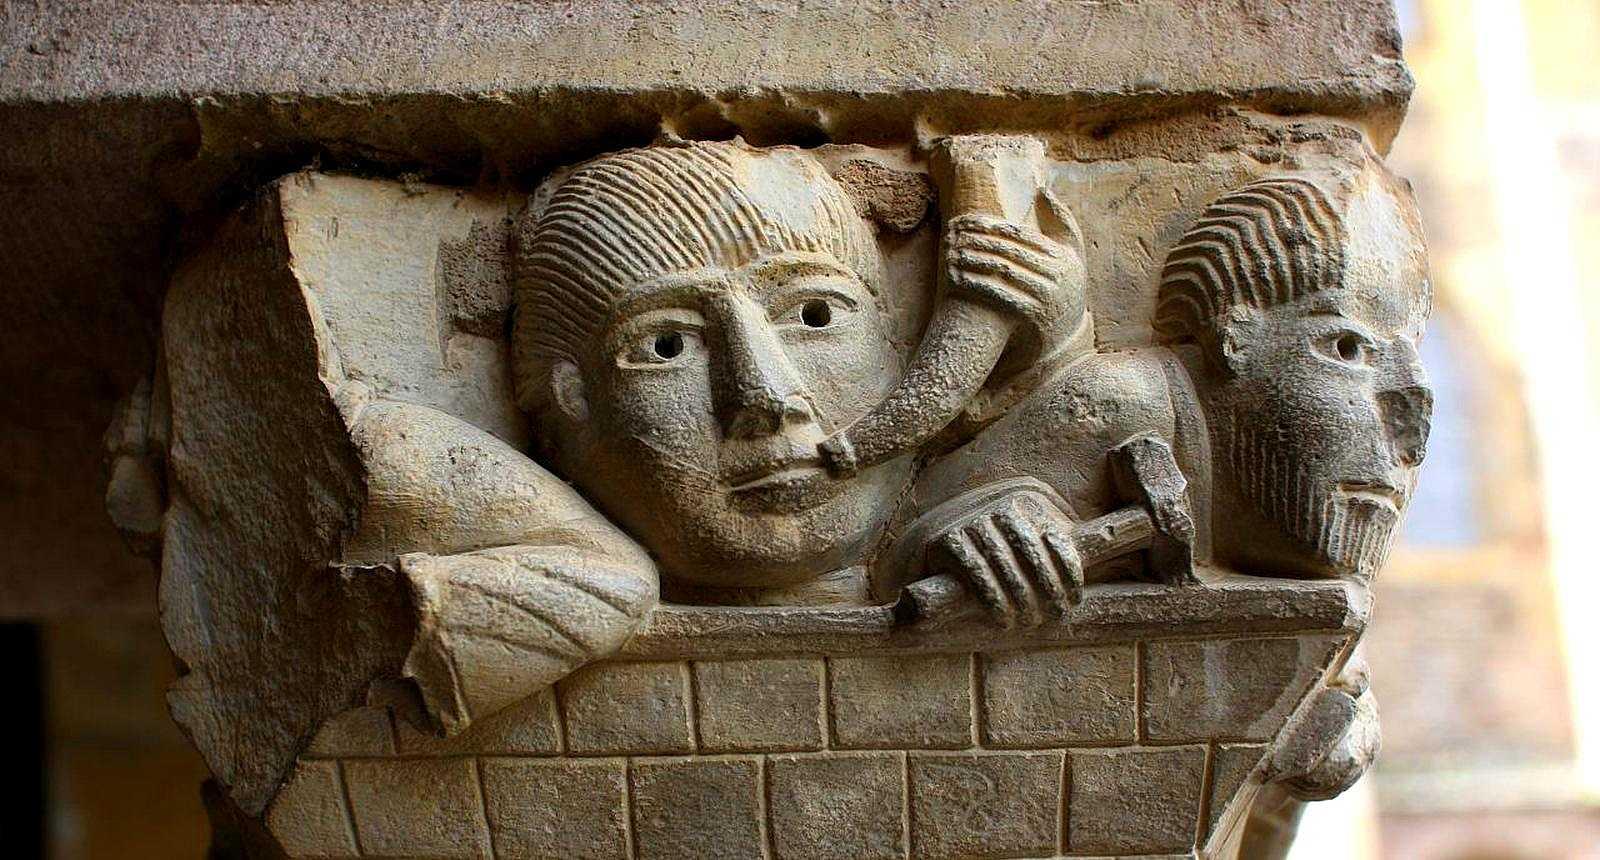 Chapiteau de l'église abbatiale de Sainte-Foy à Conques